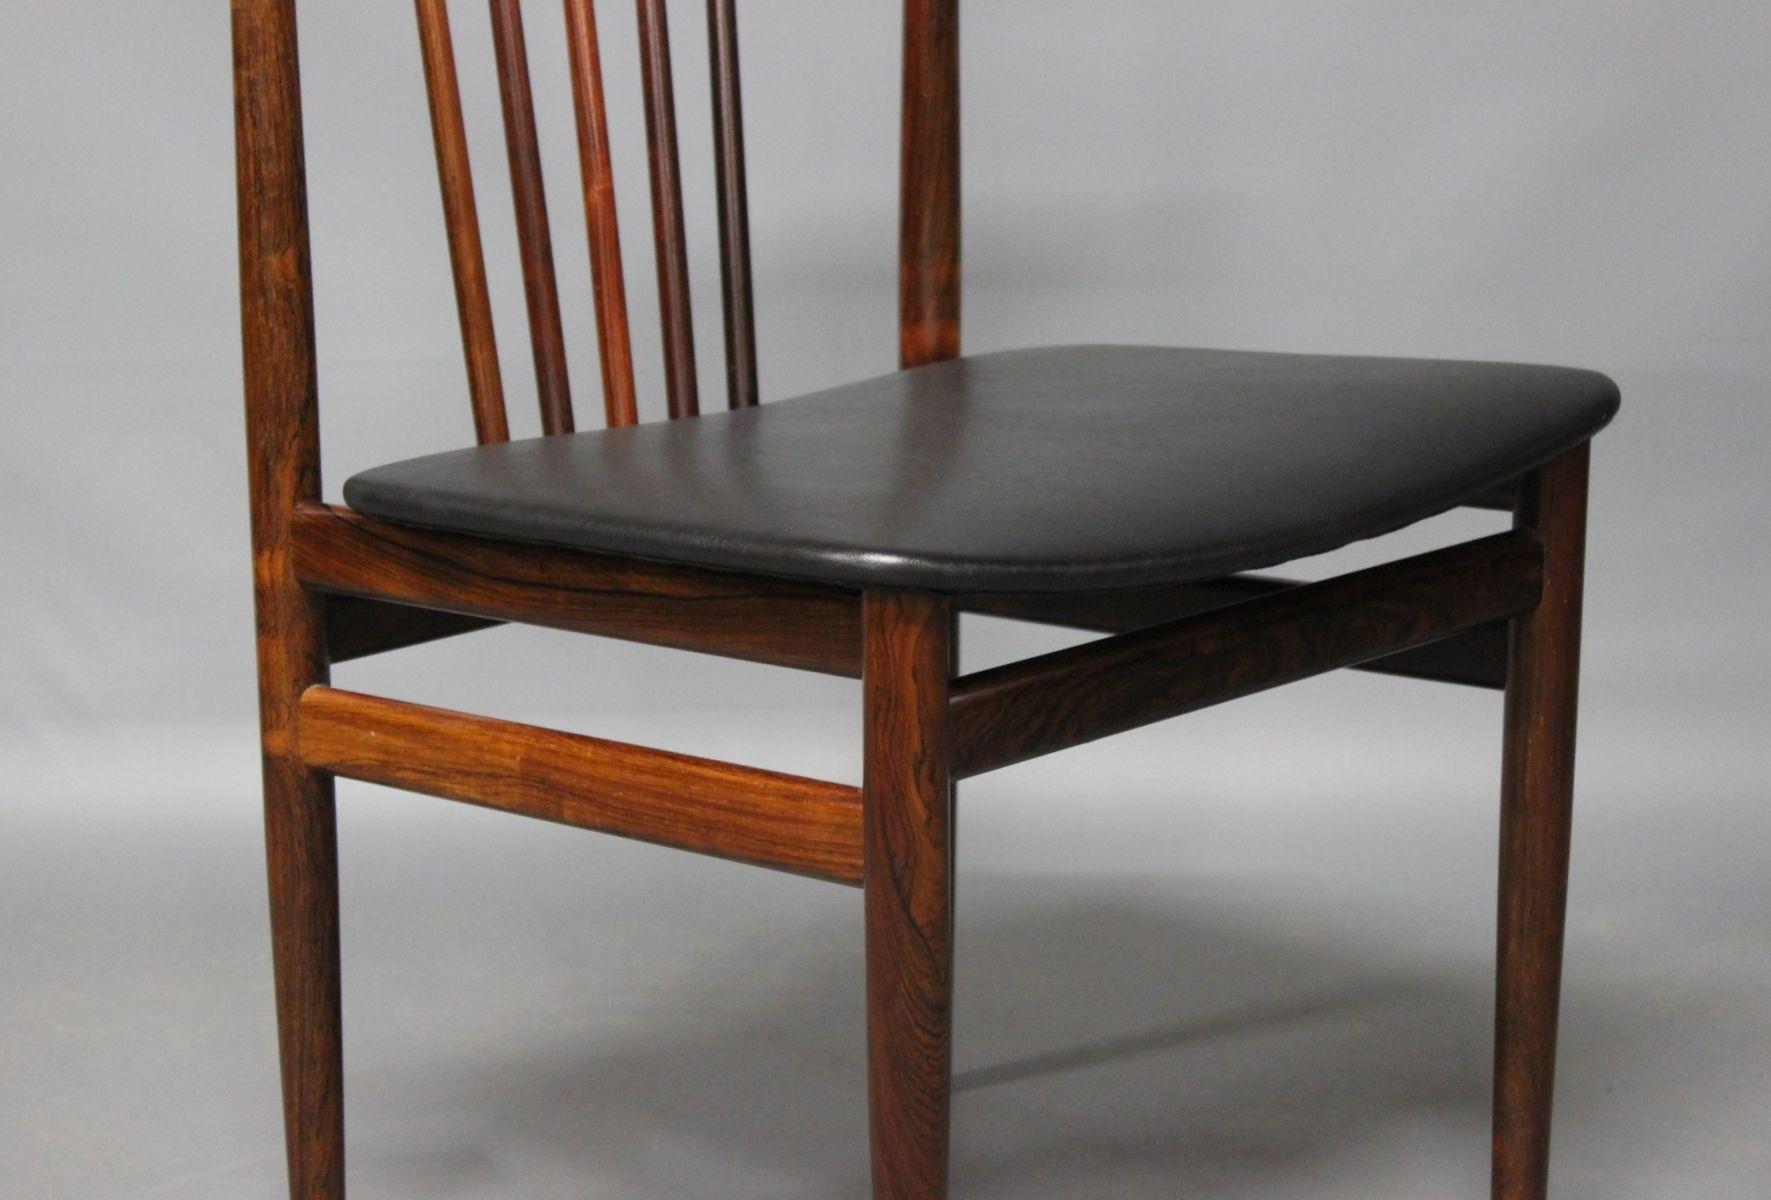 esszimmerst hle von henning s rensen 1968 4er set bei. Black Bedroom Furniture Sets. Home Design Ideas